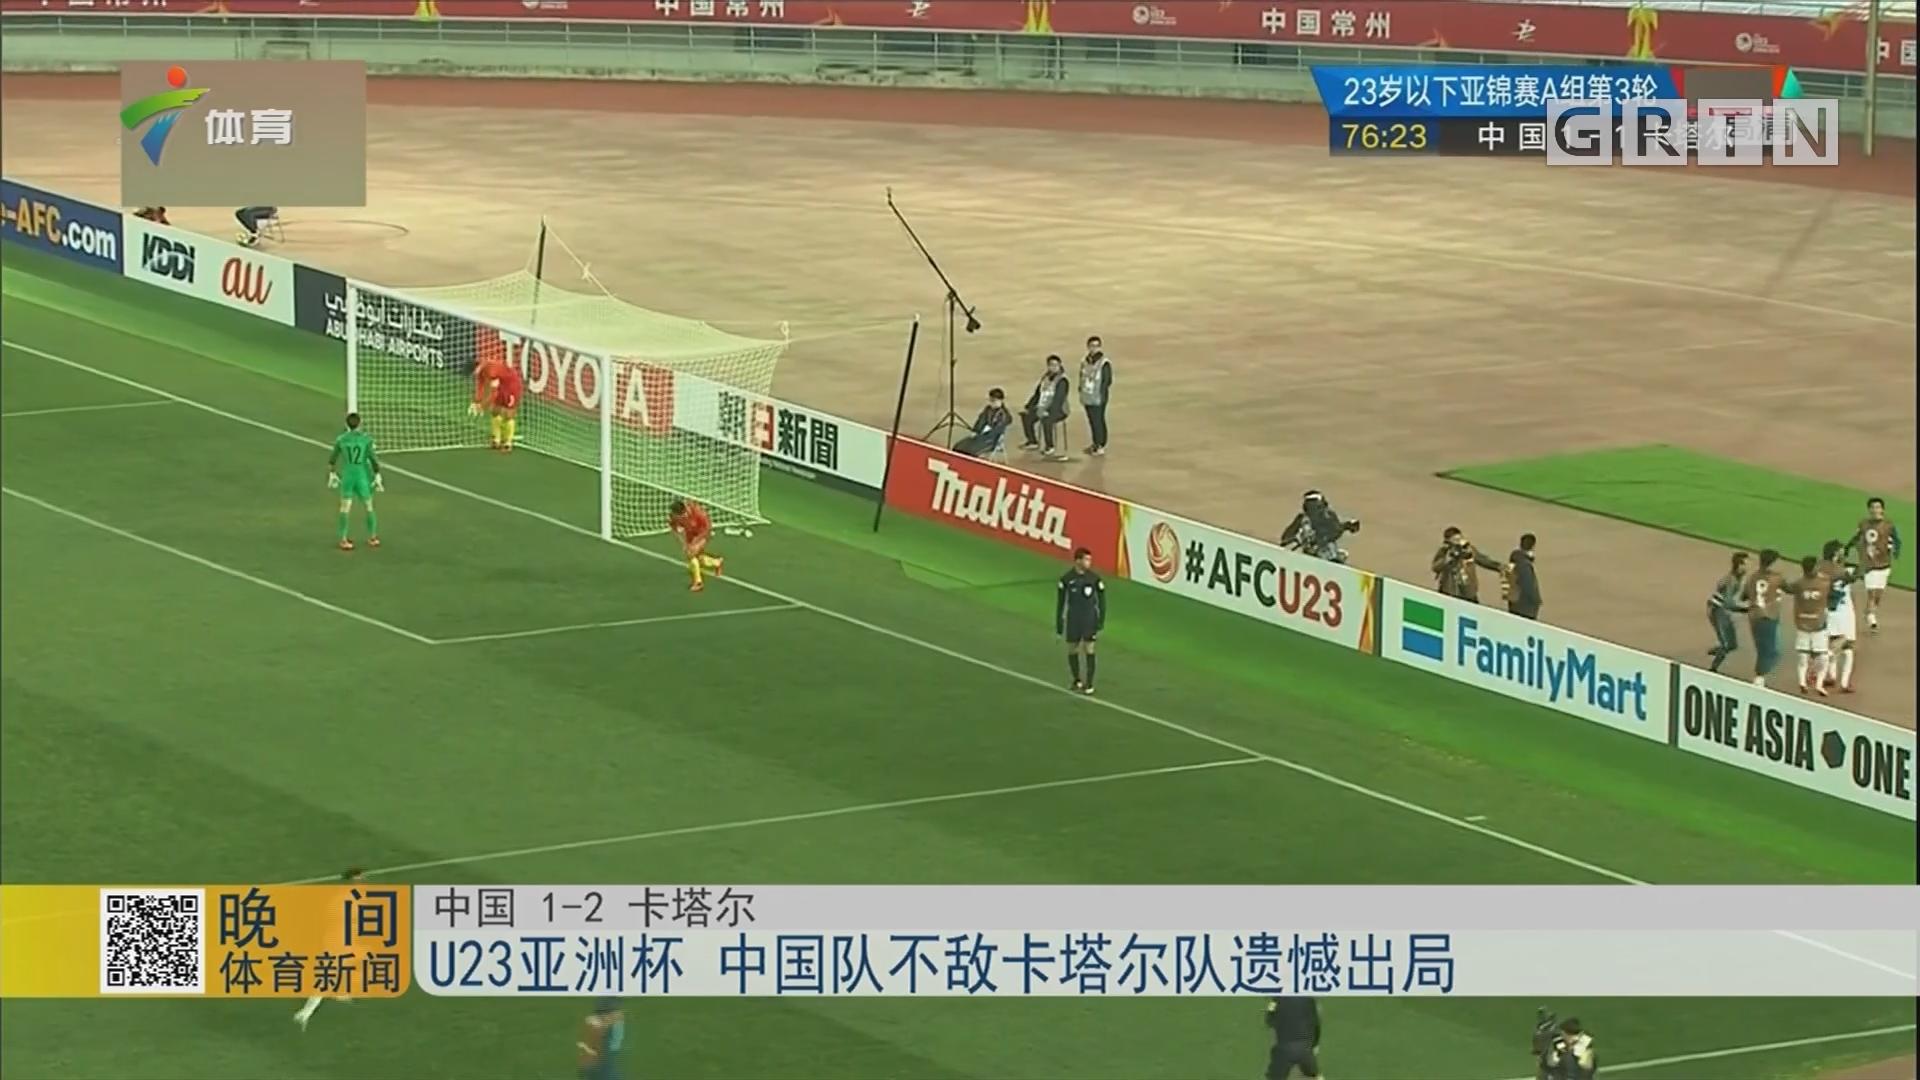 U23亚洲杯 中国队负卡塔尔队遗憾出局